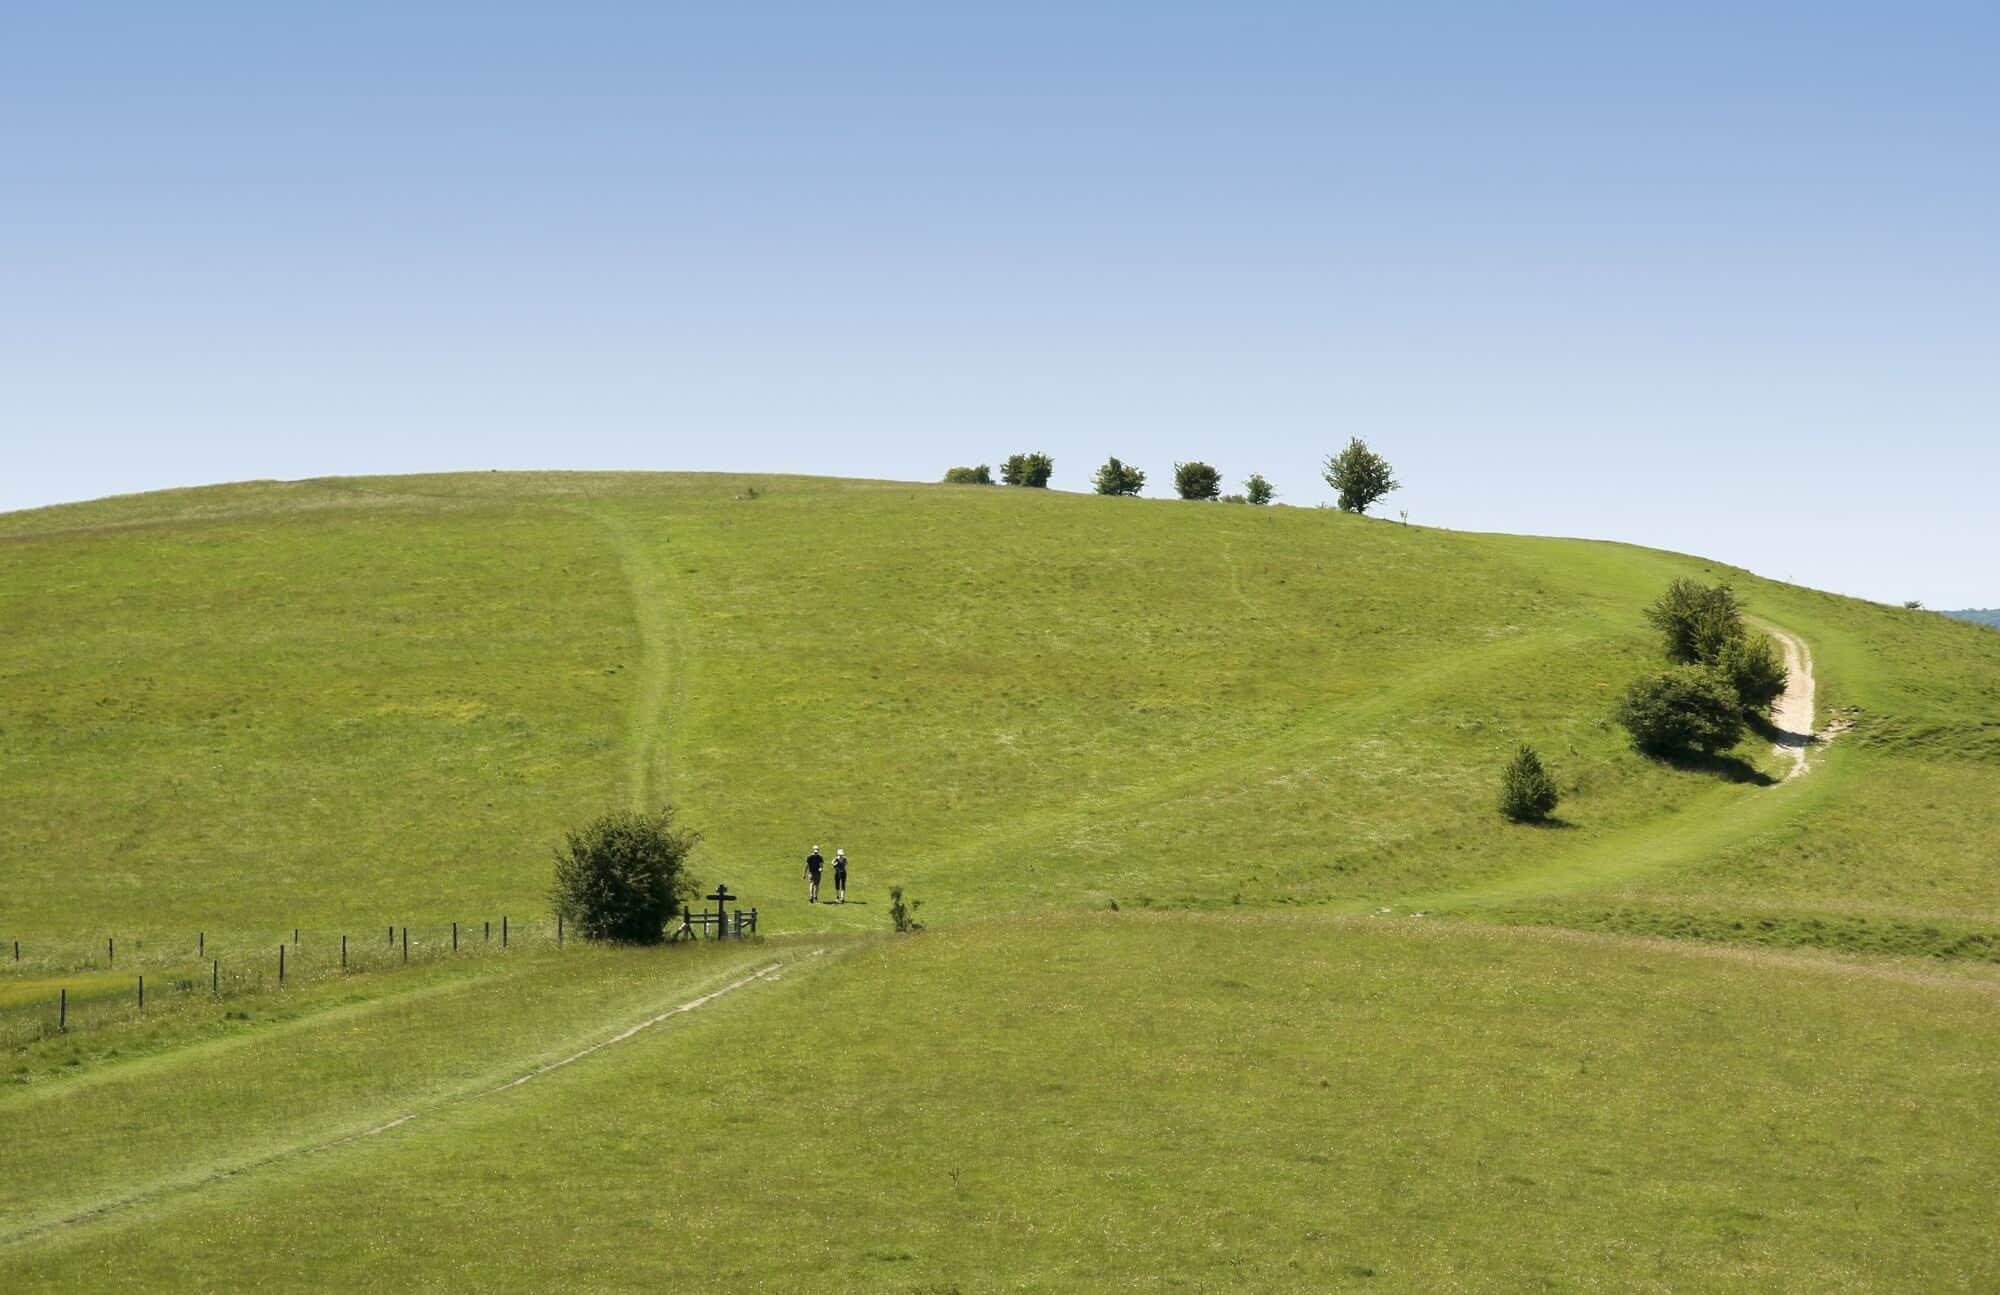 The Ridgeway Walking Holidays